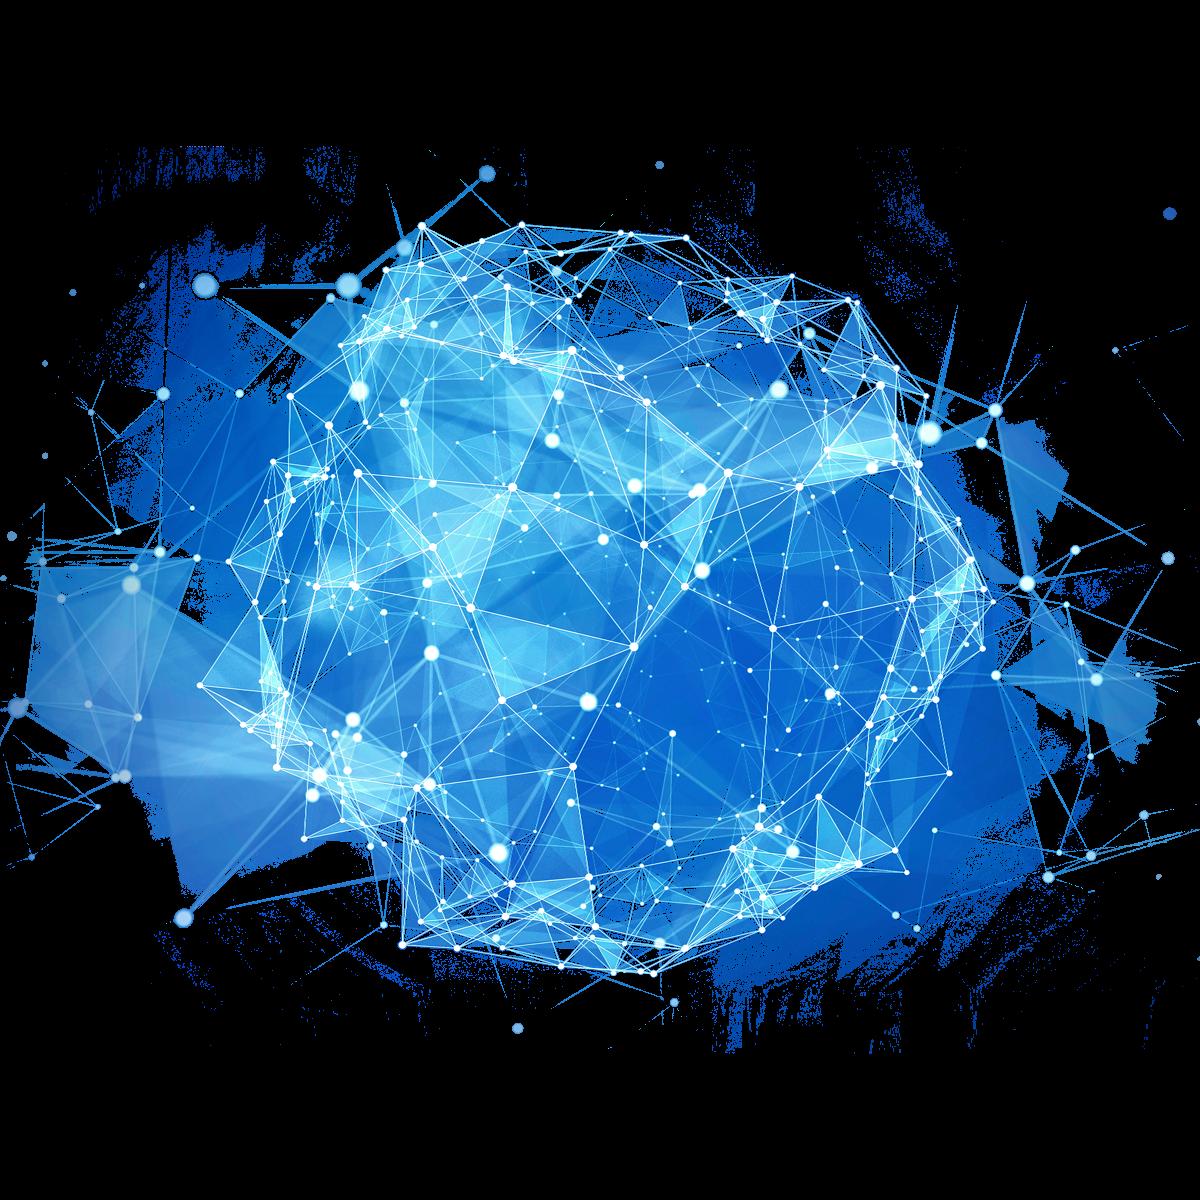 Illustration eines abstrakten Musters vor blauem Hintergrund